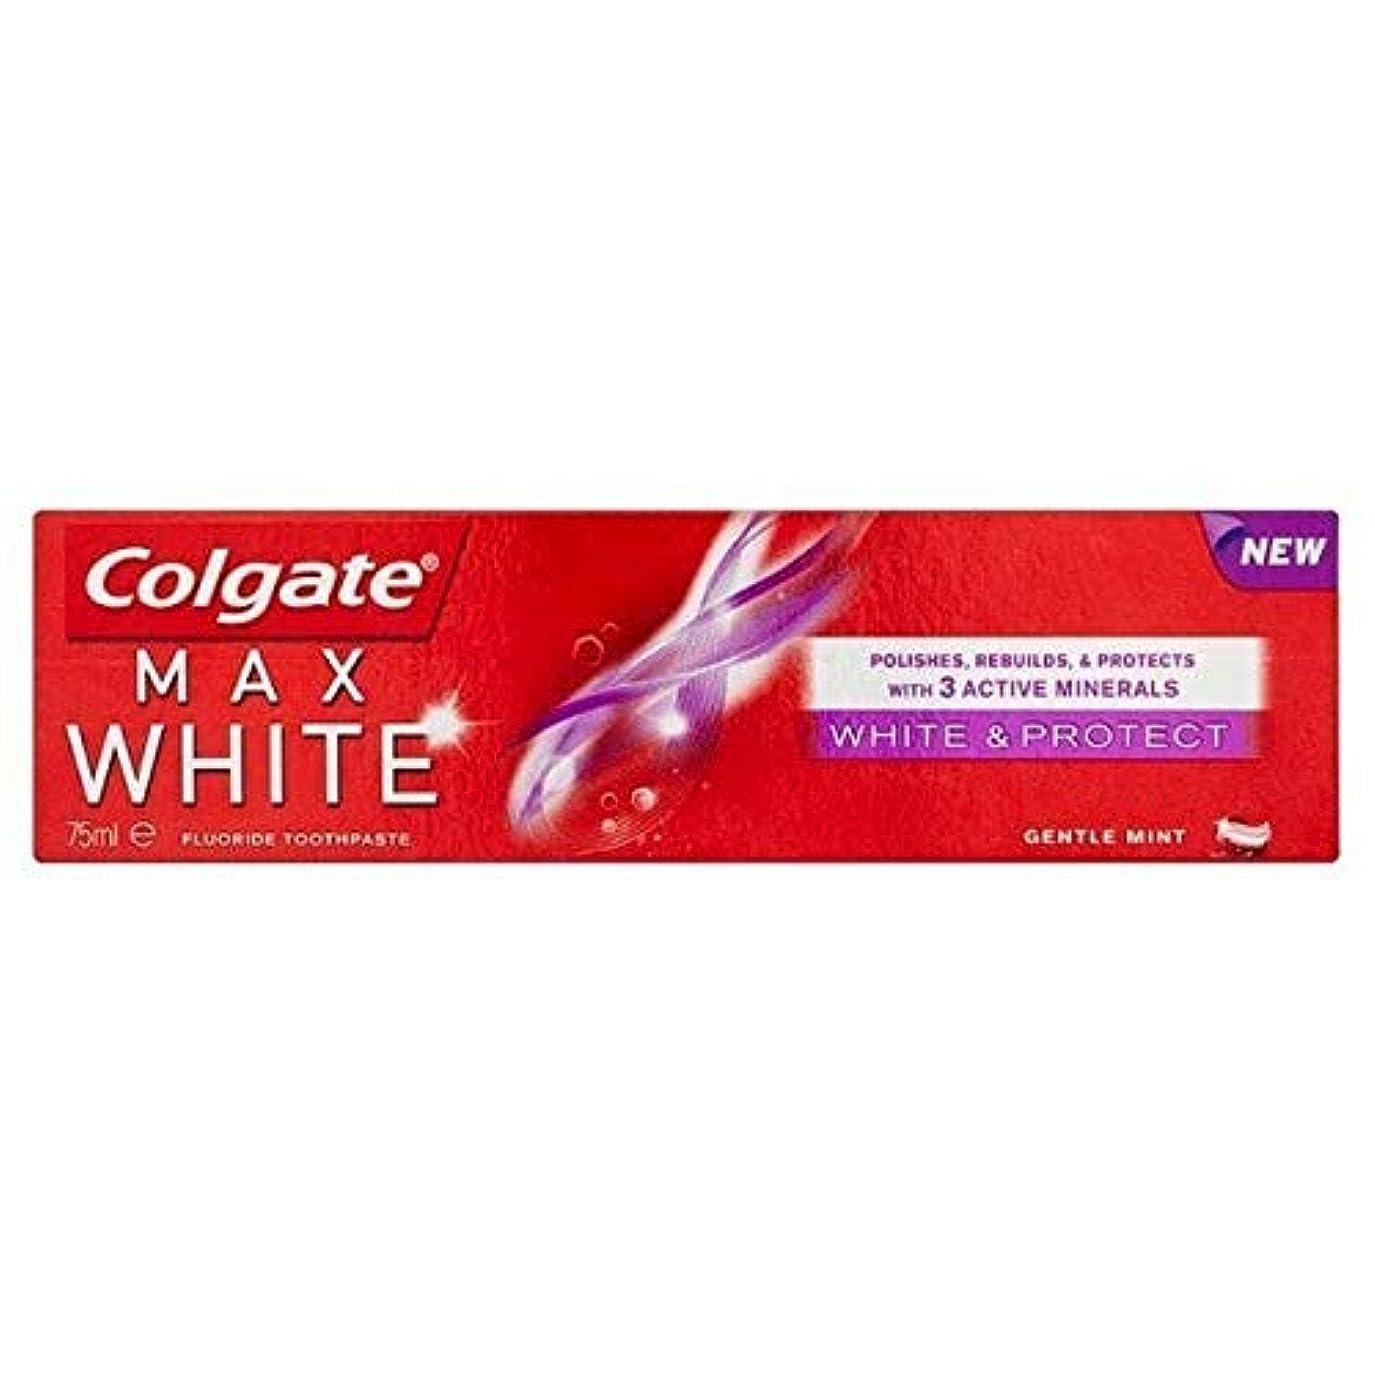 反論出来事調査[Colgate ] コルゲートマックスホワイトホワイトニング&歯磨き粉75ミリリットルを保護 - Colgate Max White Whitening & Protect Toothpaste 75ml [並行輸入品]